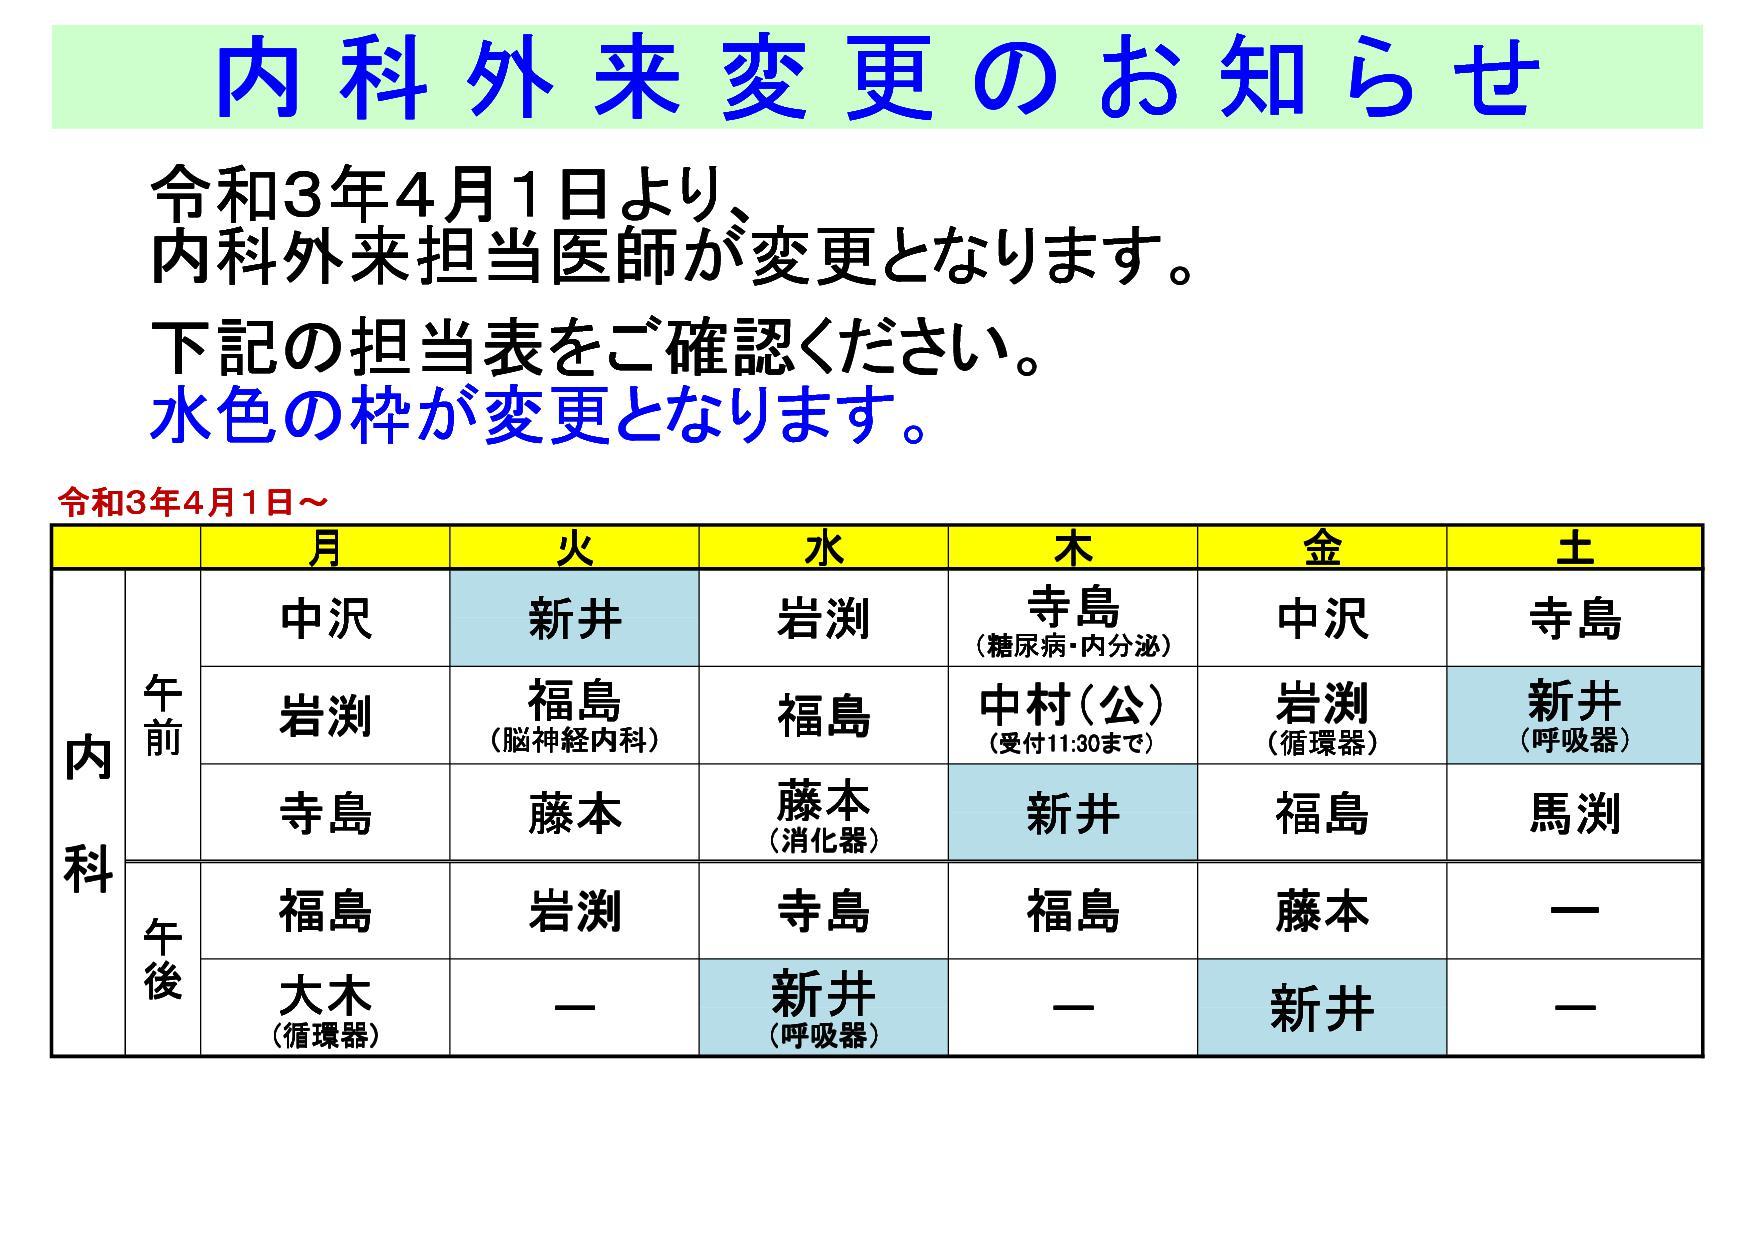 令和3年4月1日より、内科外来担当医師が変更となります。